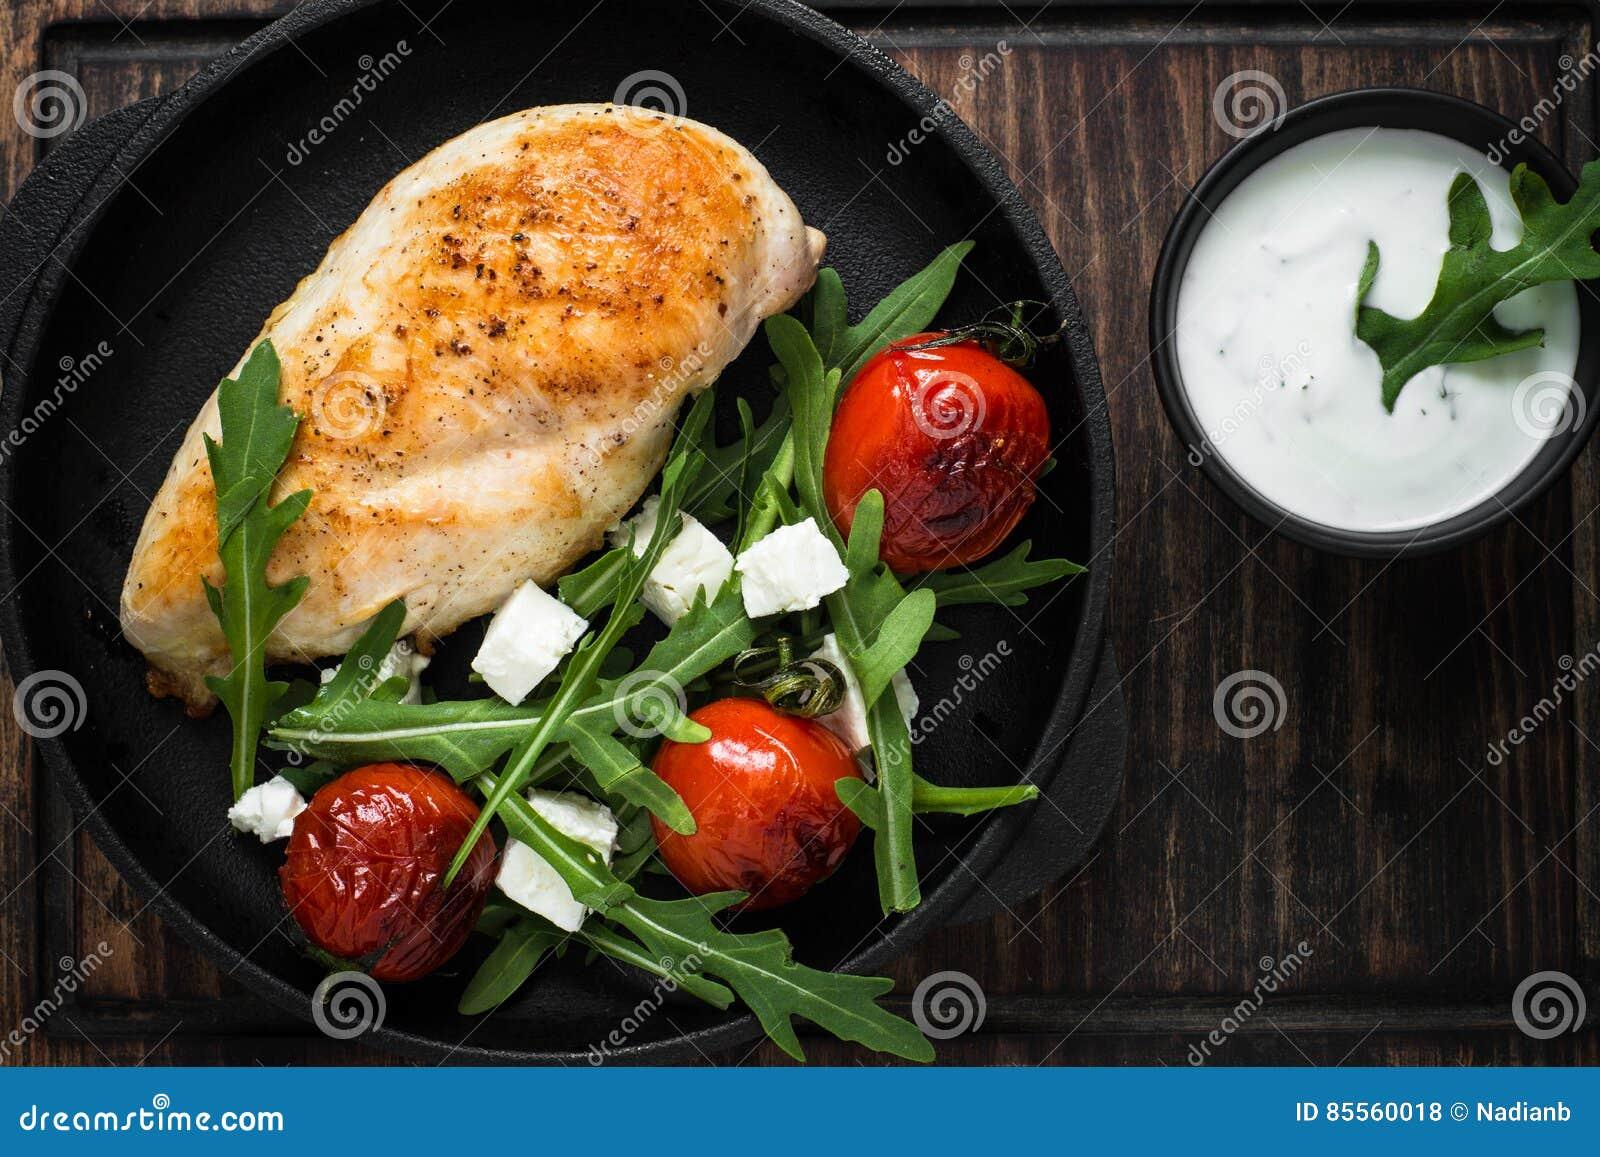 Grilled chiken Leiste und frischen Salat mit weißer Soße